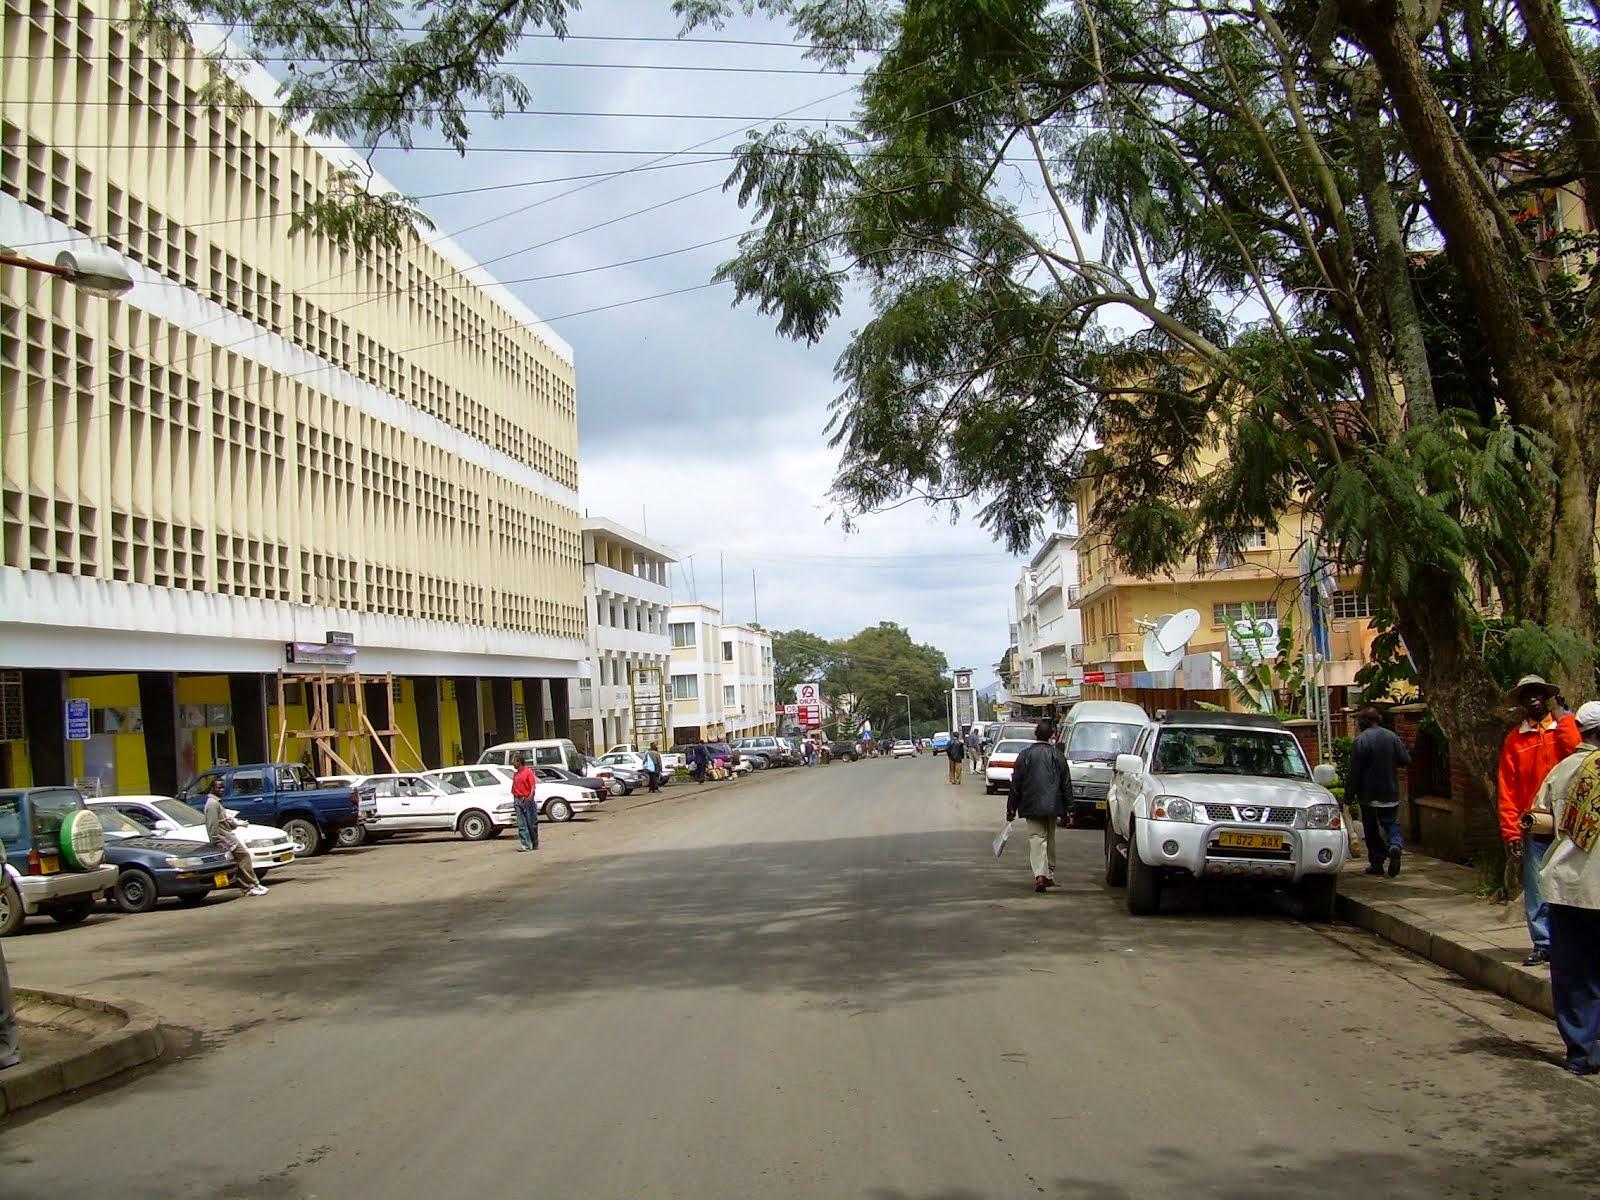 Mahakama ya Rwanda mjini Arusha yathibitisha vifungo vya viongozi wa zamani wa Rwanda